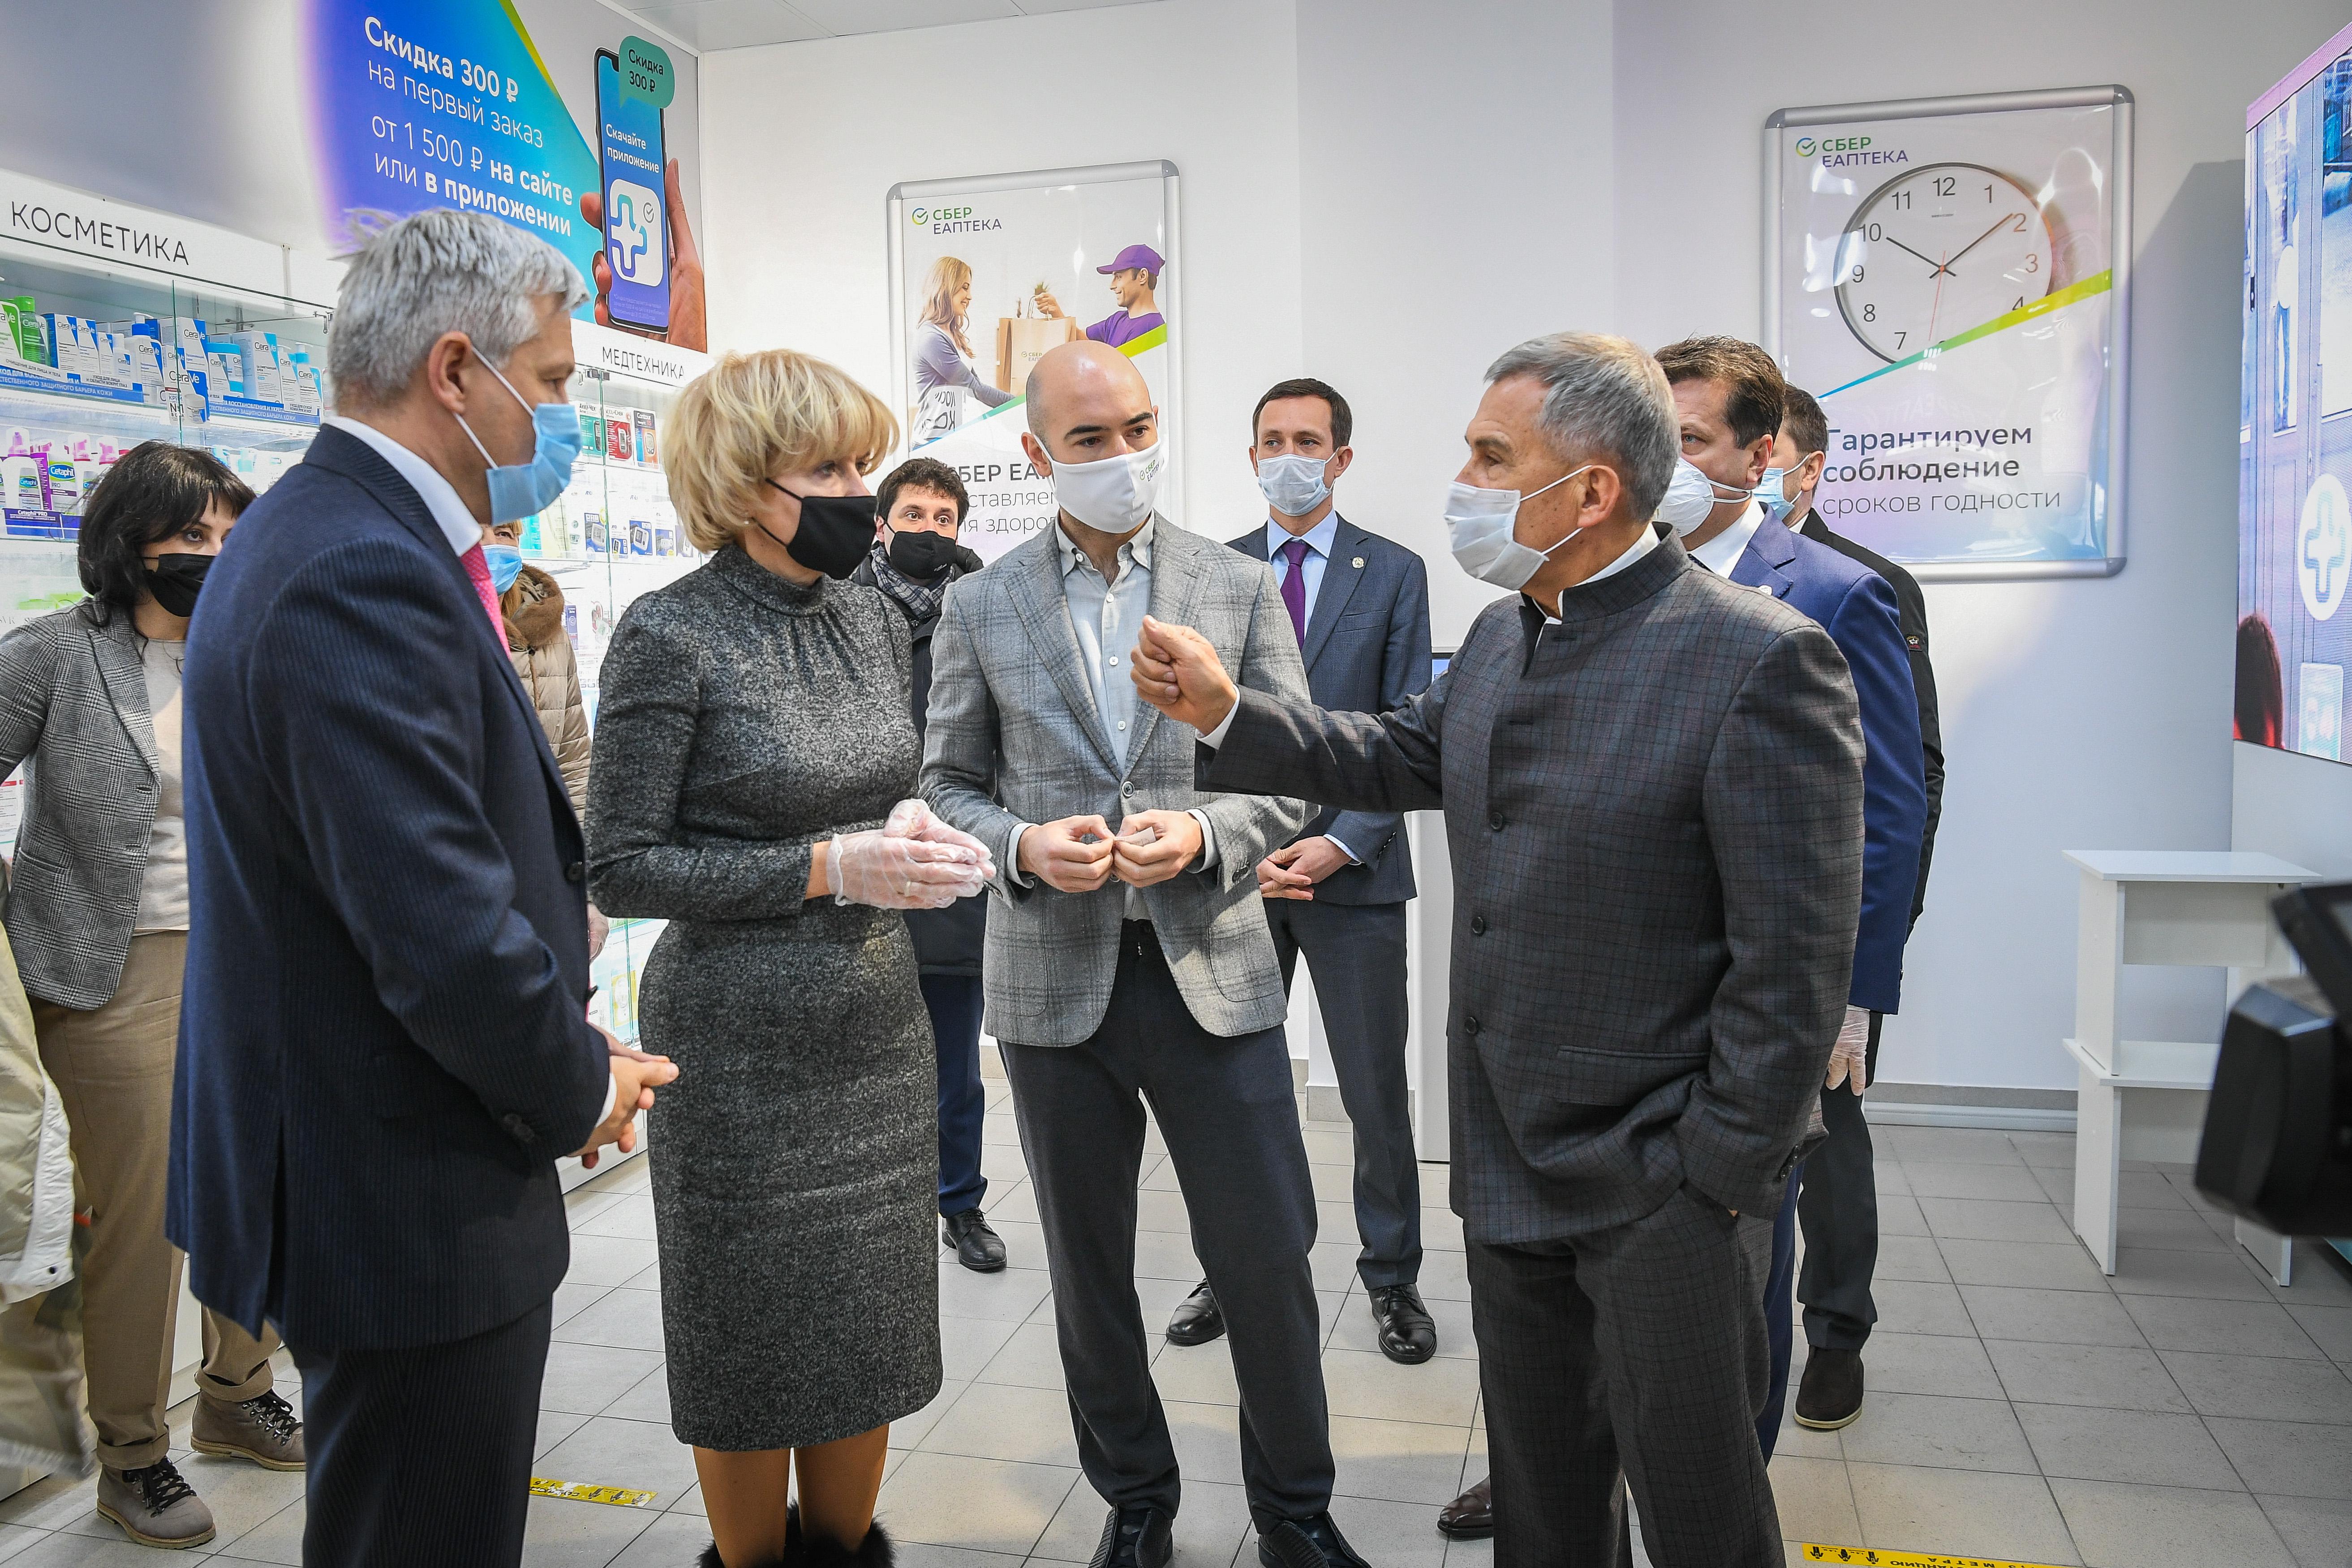 Аптека_Минниханов_Пресс-служба Президента